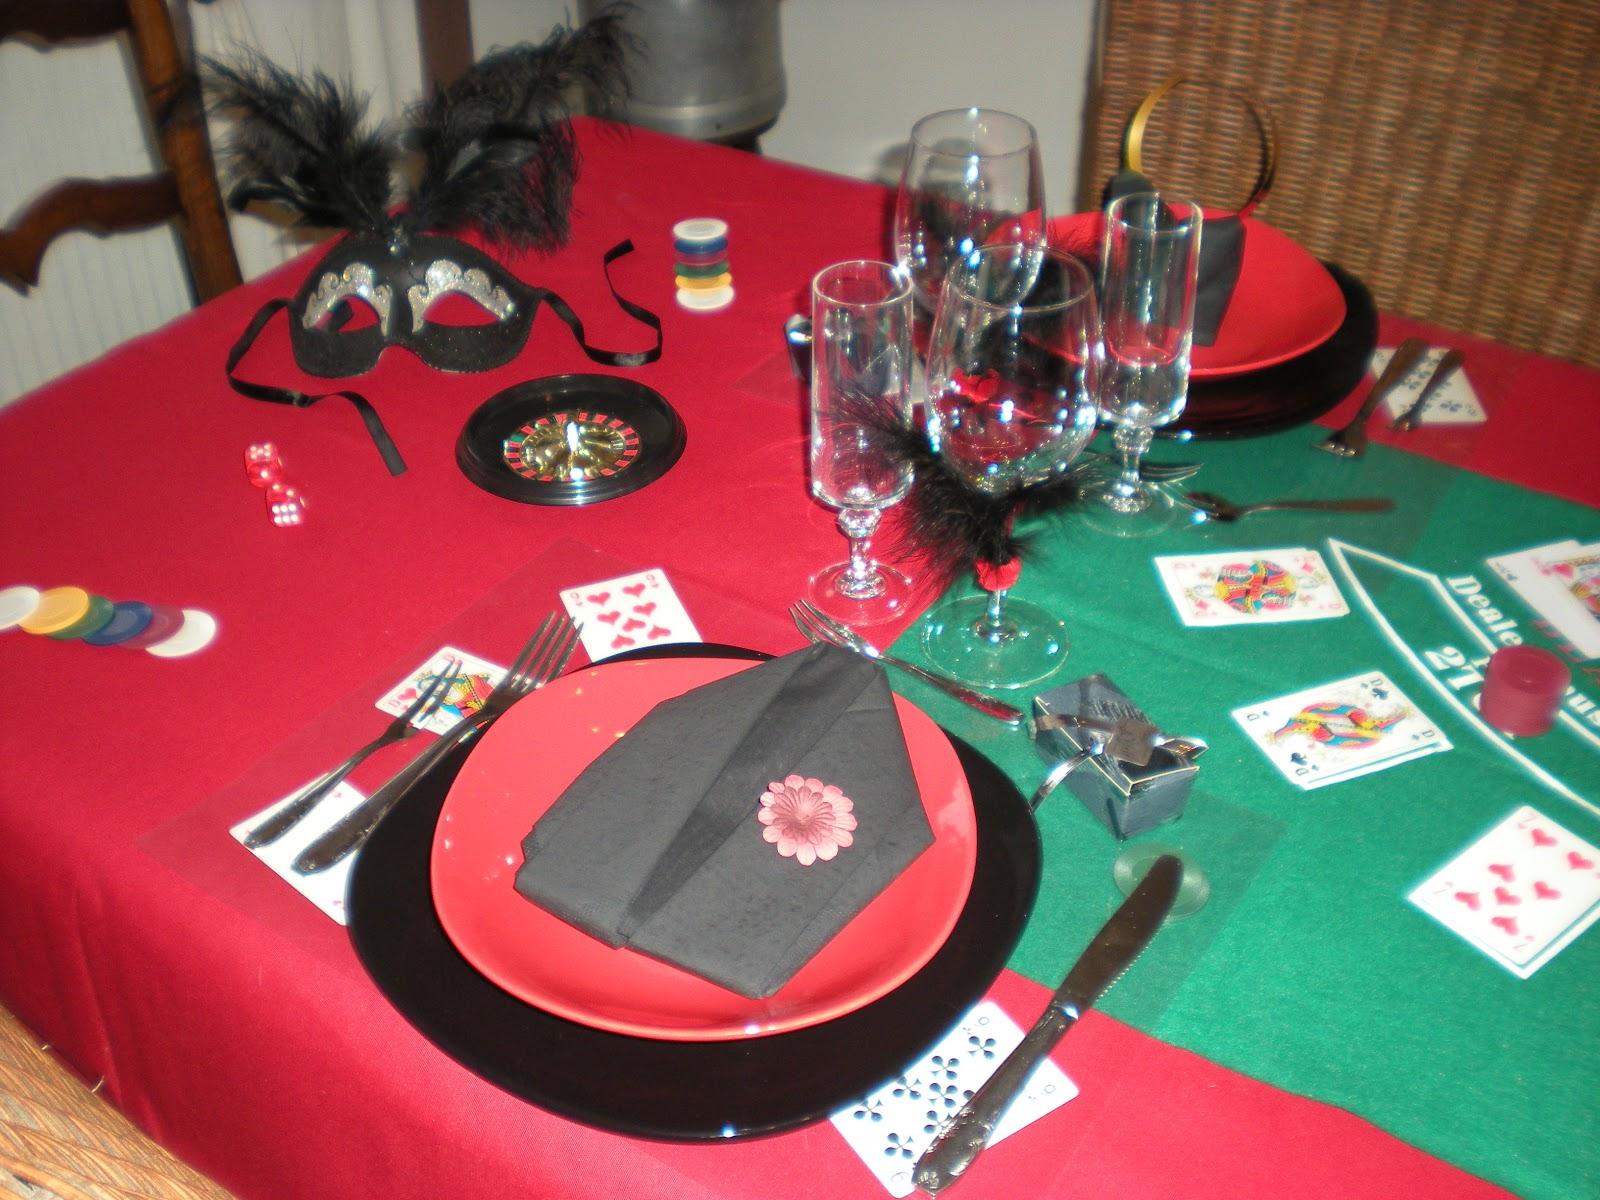 nouvel an sur le th me jeux de casino d co de table. Black Bedroom Furniture Sets. Home Design Ideas